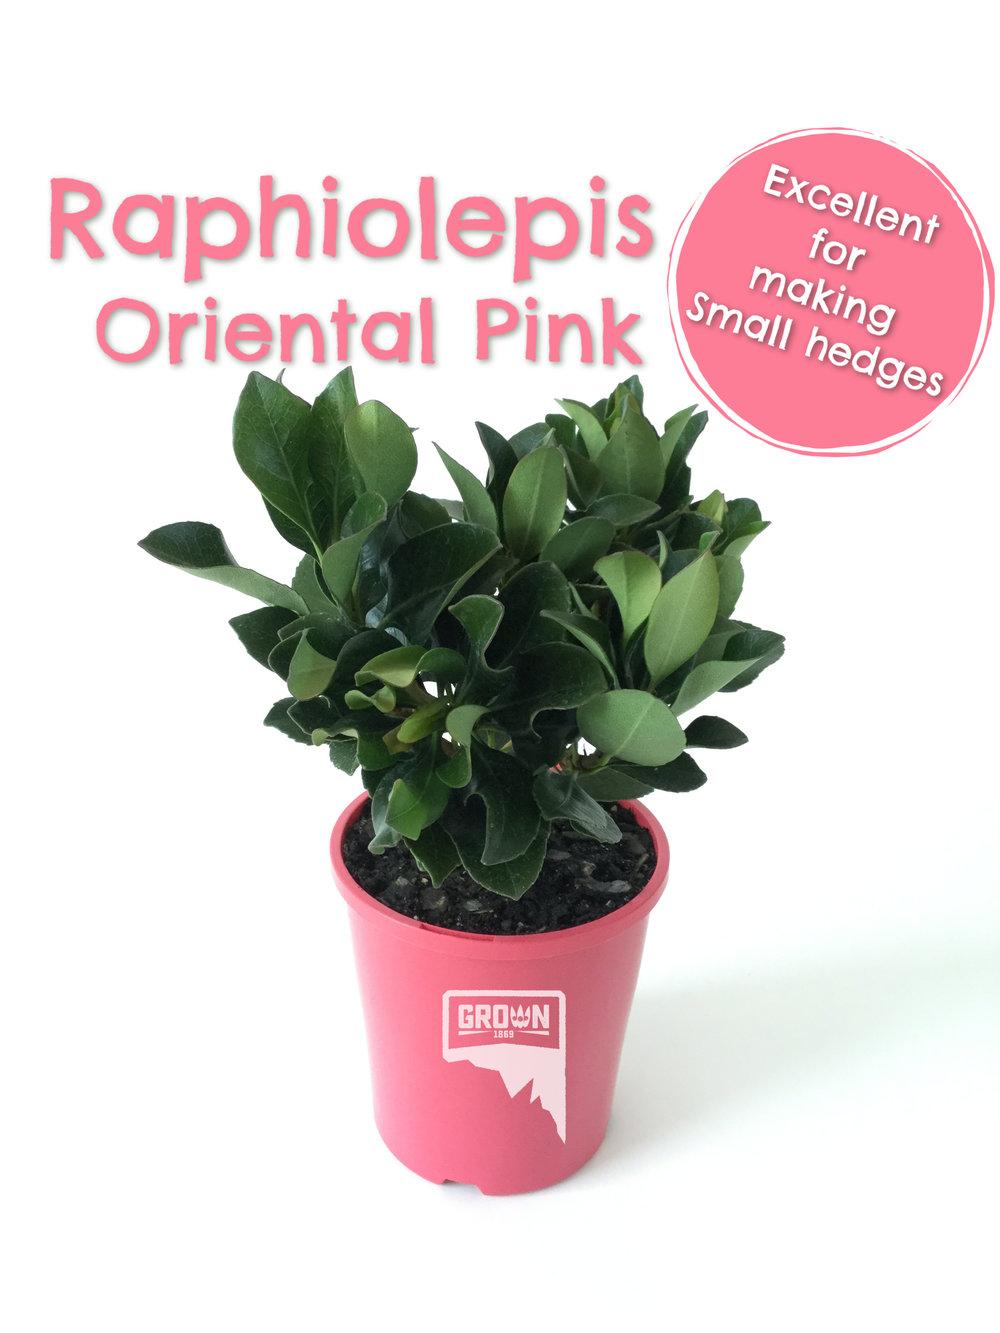 Raphiolepis Oriental Pink.jpg